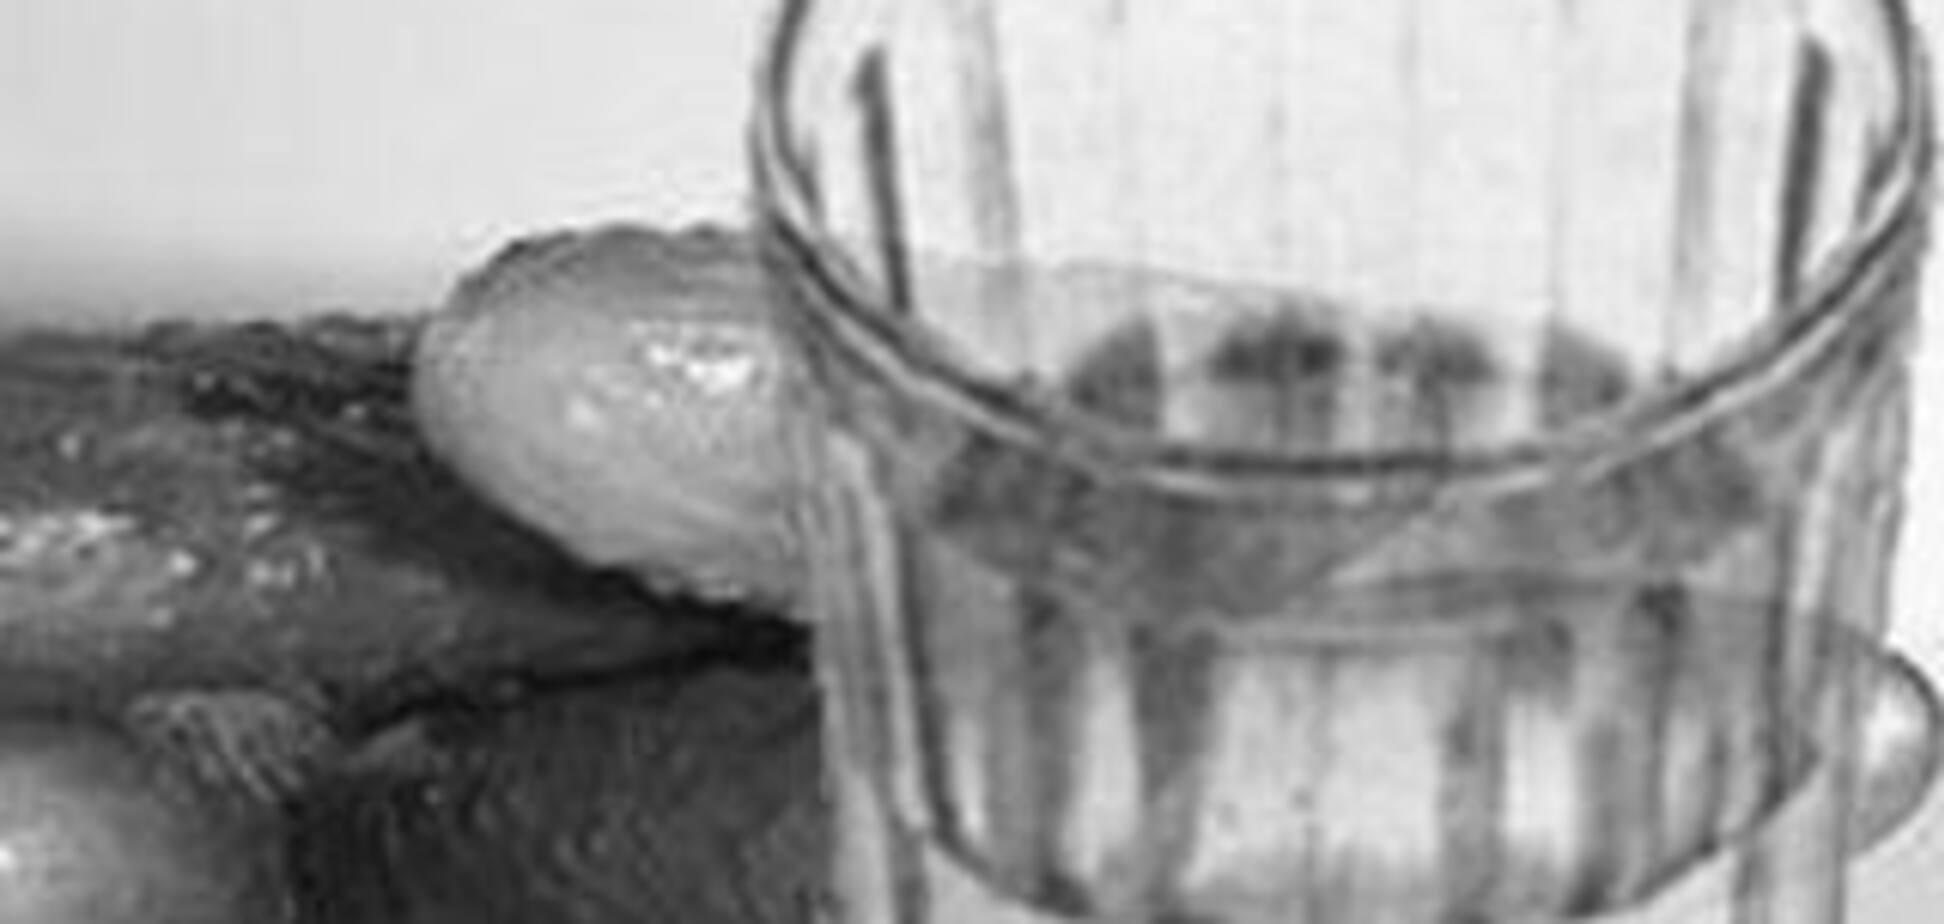 Випивши багато спиртного, син убив власну матір